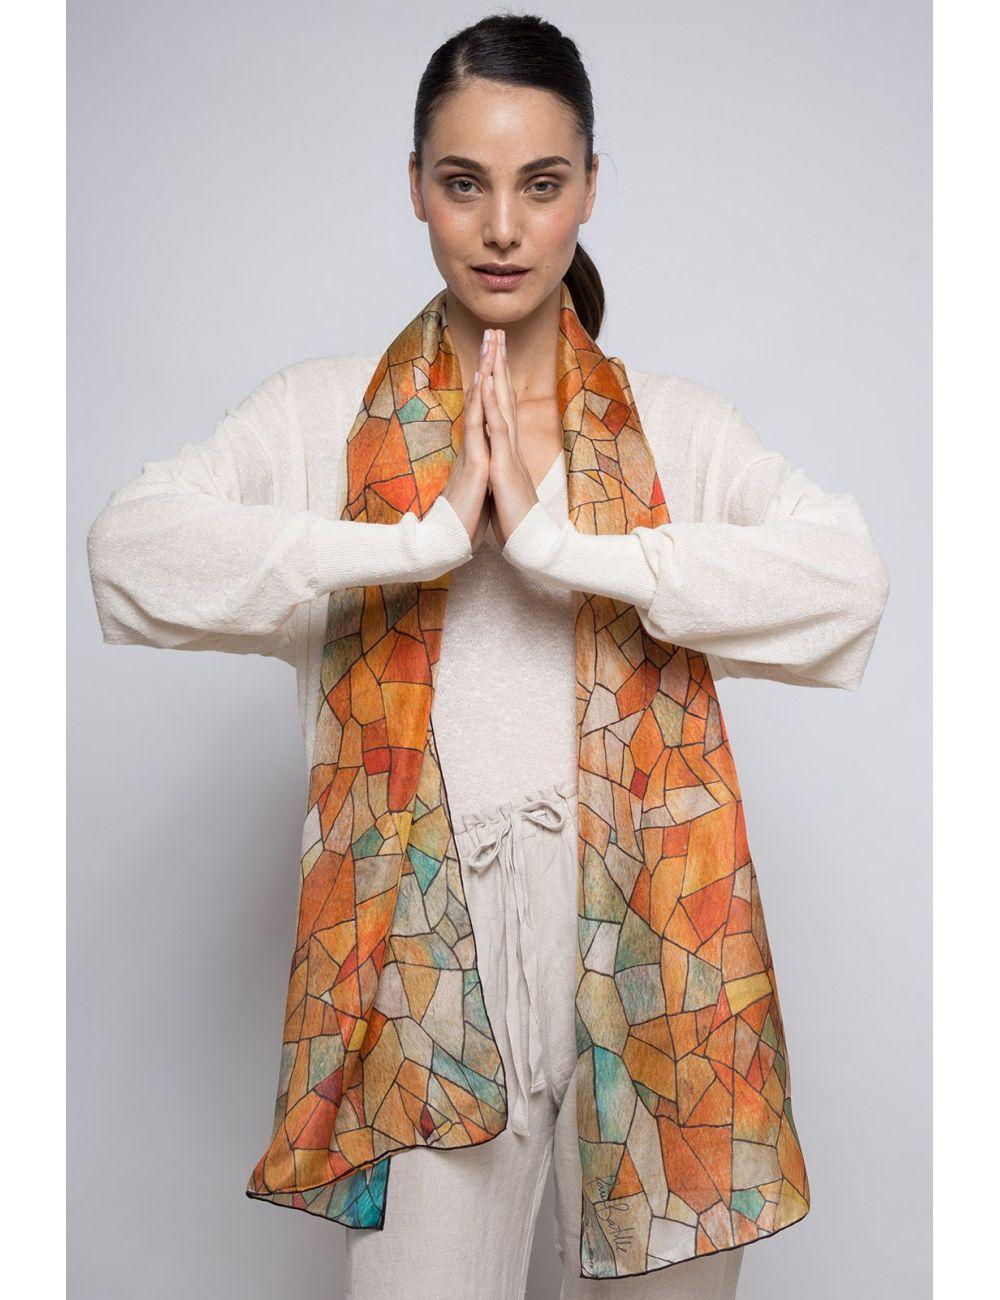 """""""Cielo y Tierra"""", fular de seda natural y diseño geométrico inspirado en el arte de Gaudí. Colores tostados."""